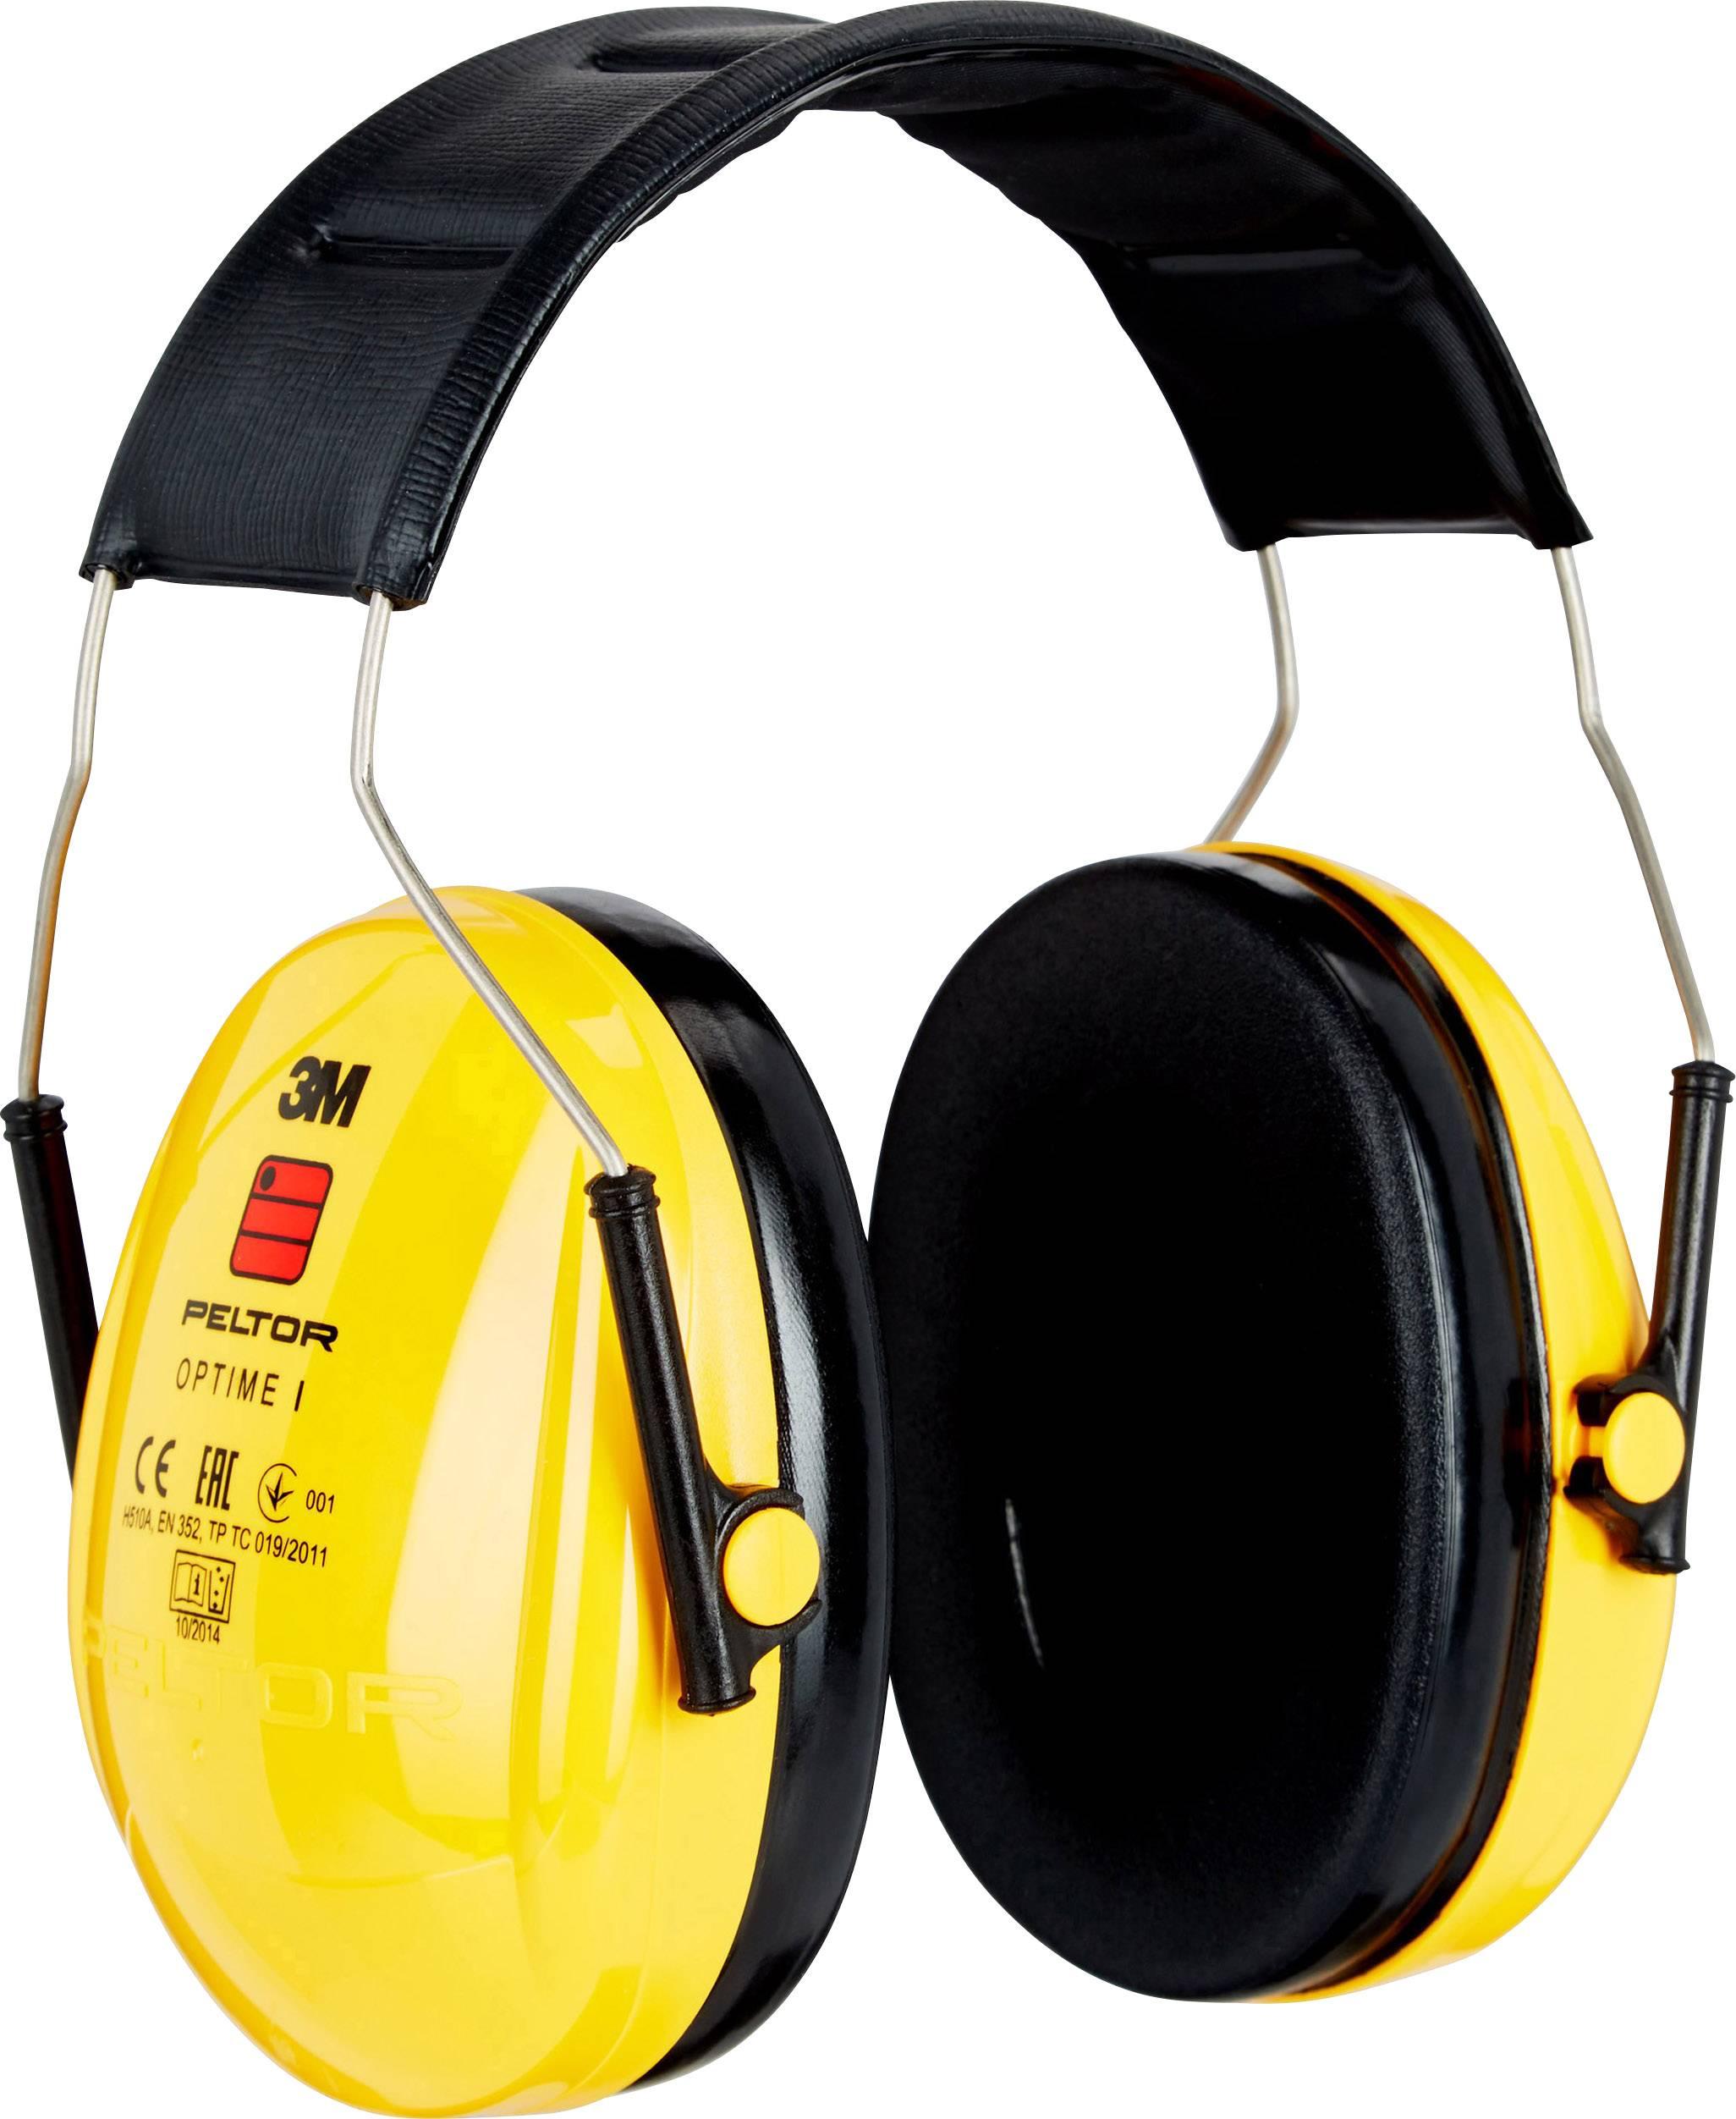 Mušlový chránič sluchu Peltor OPTIME I H510A, 27 dB, 1 ks